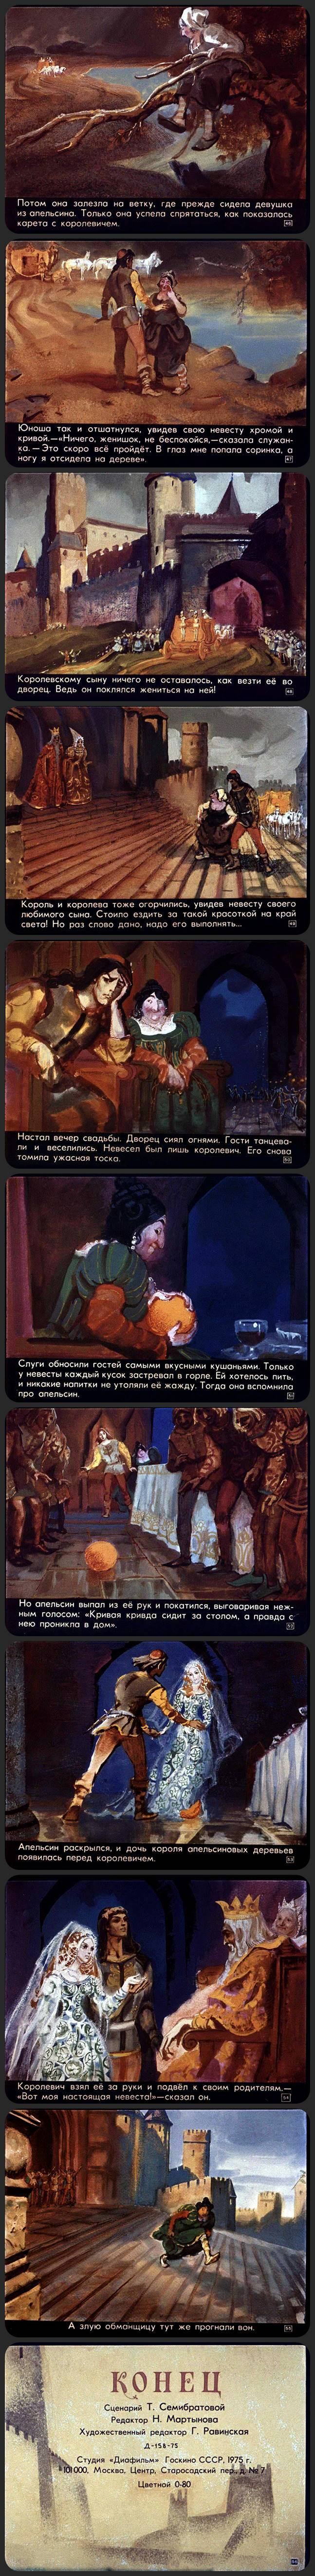 Три апельсина (1975) Длиннопост, Прошлое, Картинка с текстом, Диафильм